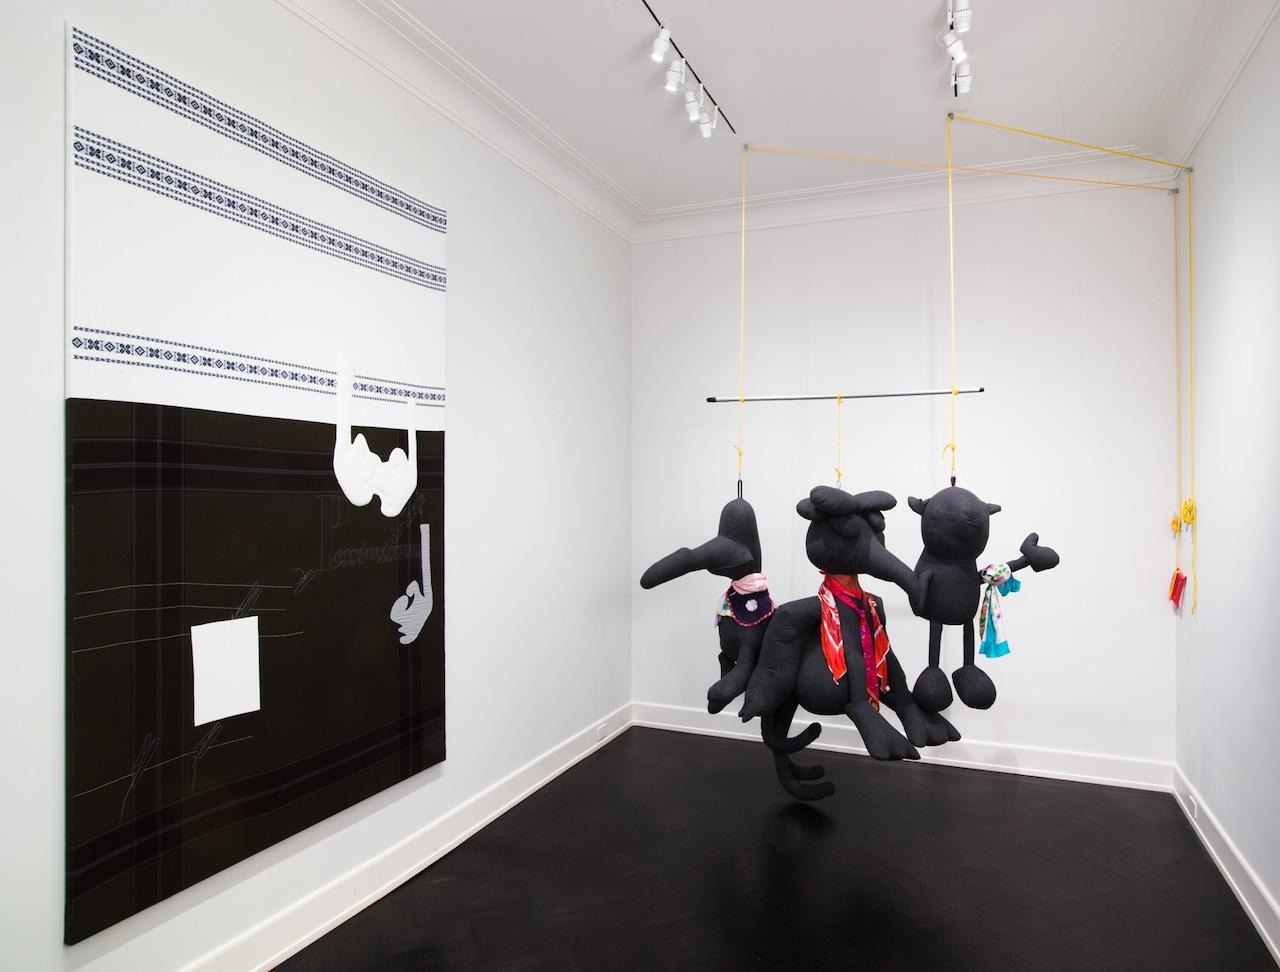 Cosima von Bonin, 'CvB Singles Uptown Remix' (2015), installation view